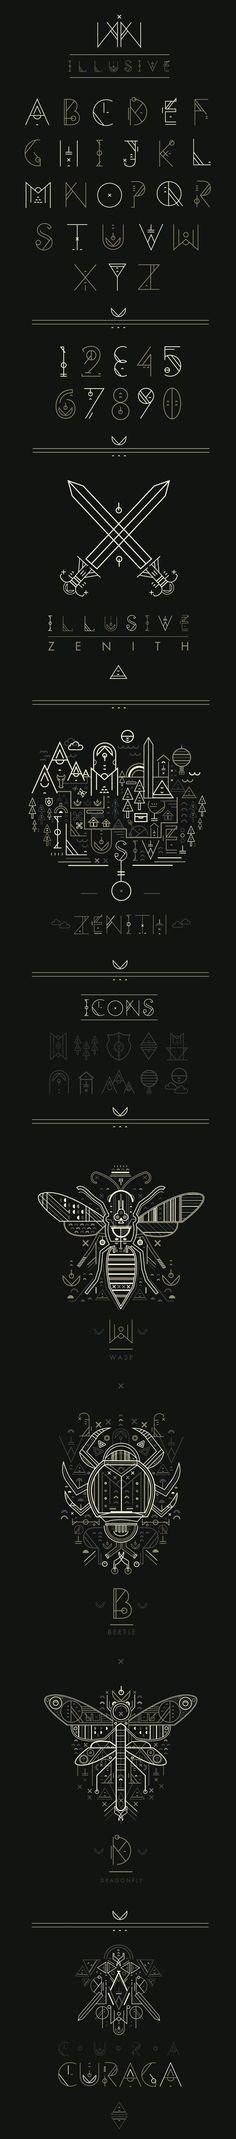 Inspiração Tipográfica #135 - Choco la Design. Tipografia.